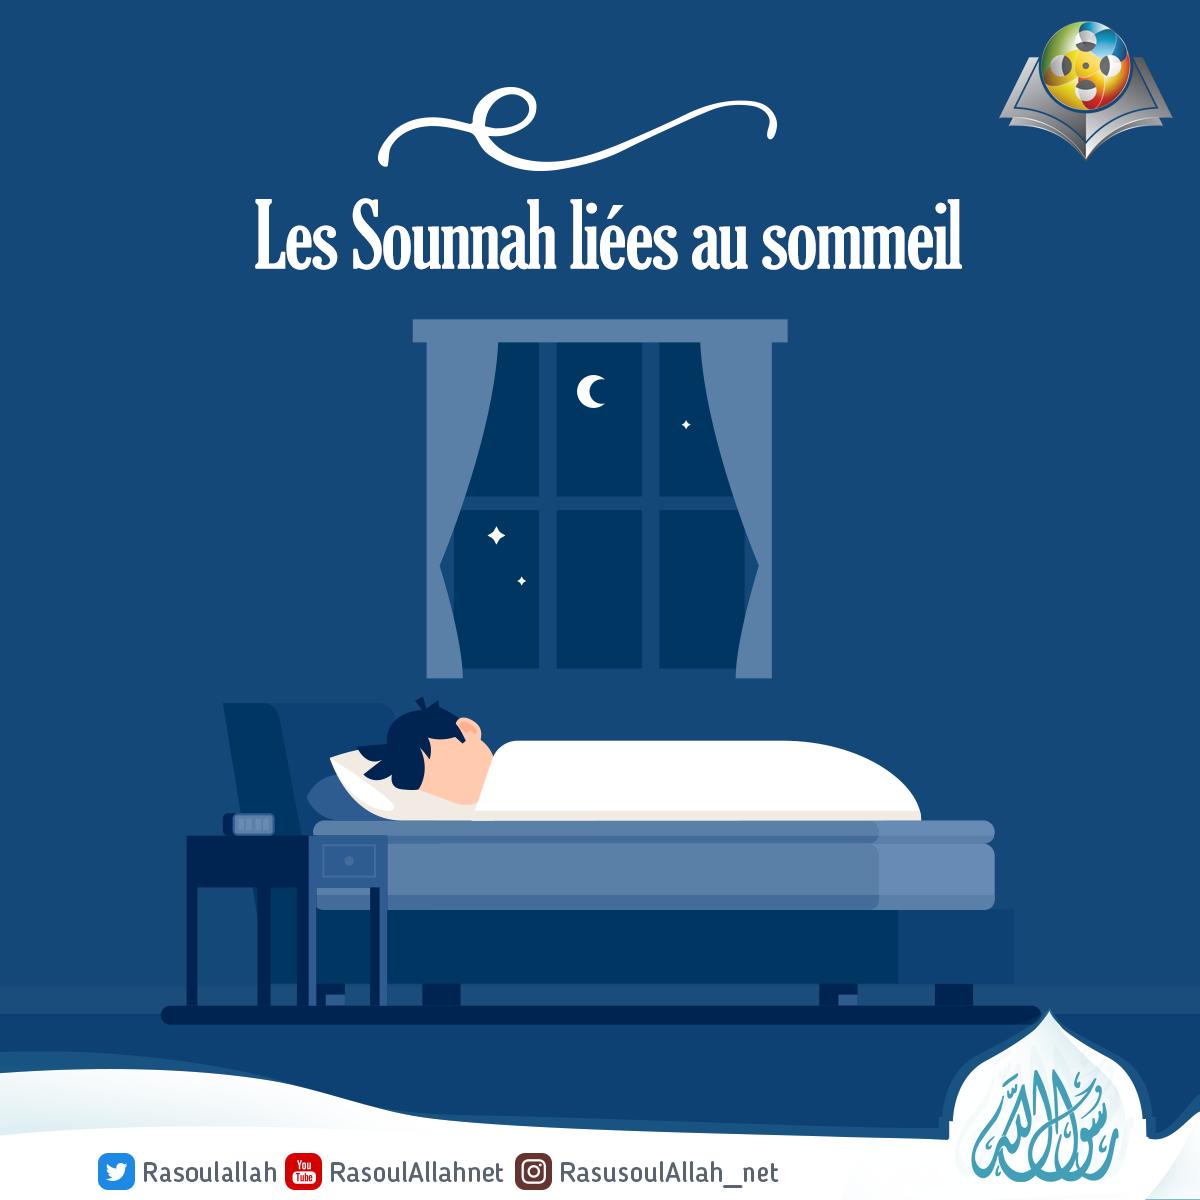 Les Sounnah liées au sommeil